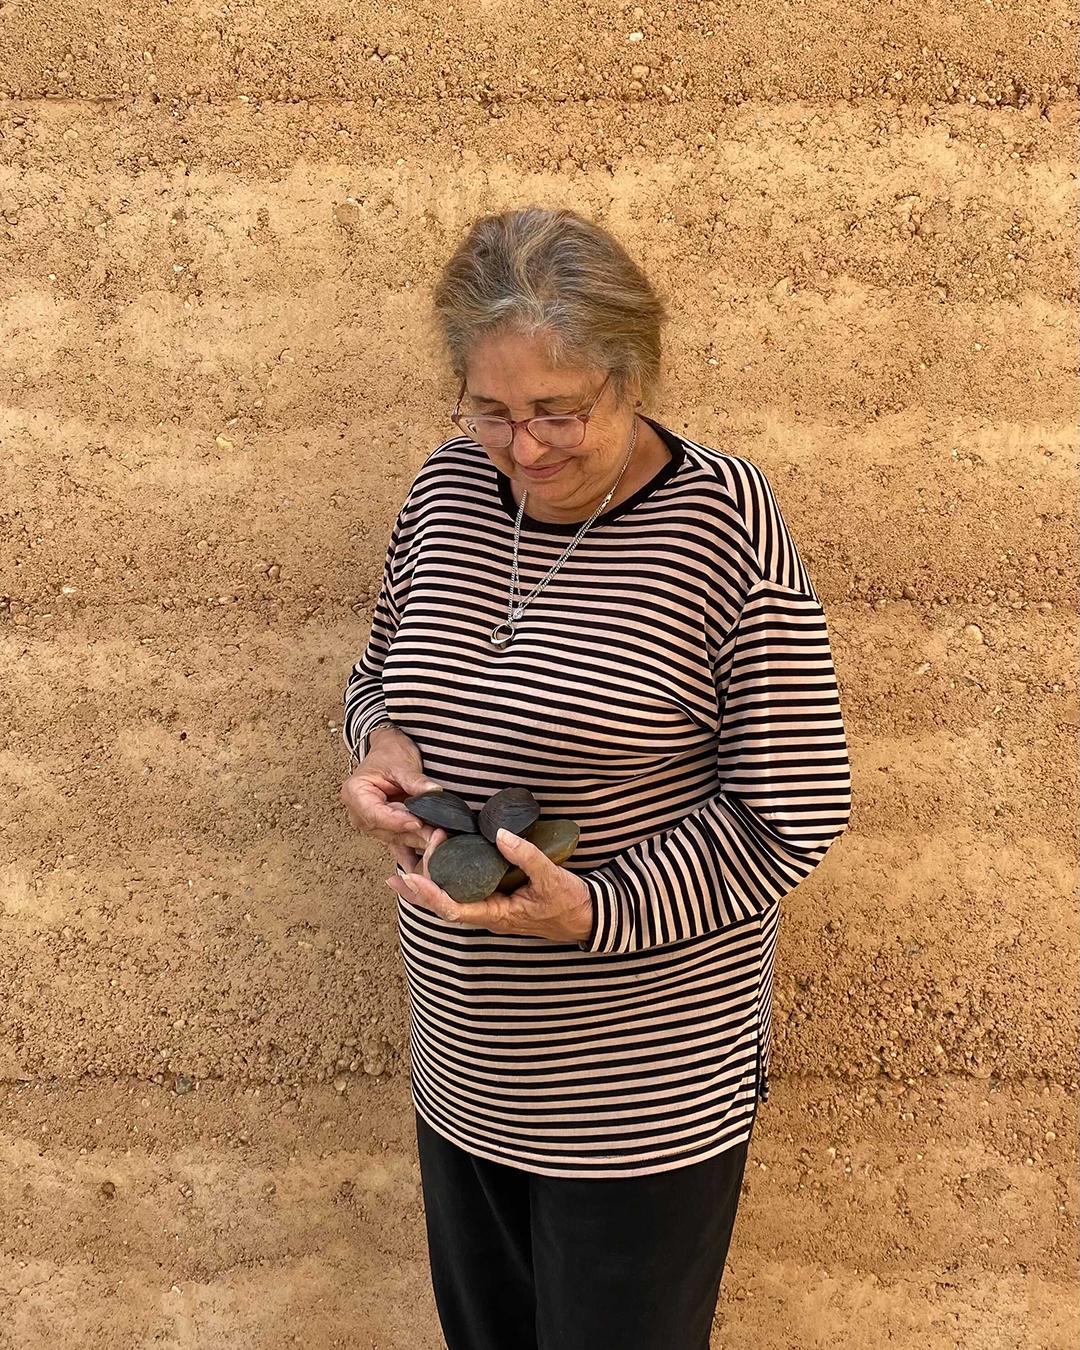 Aunty Joy Murphy Wandin holds a cast mussel.